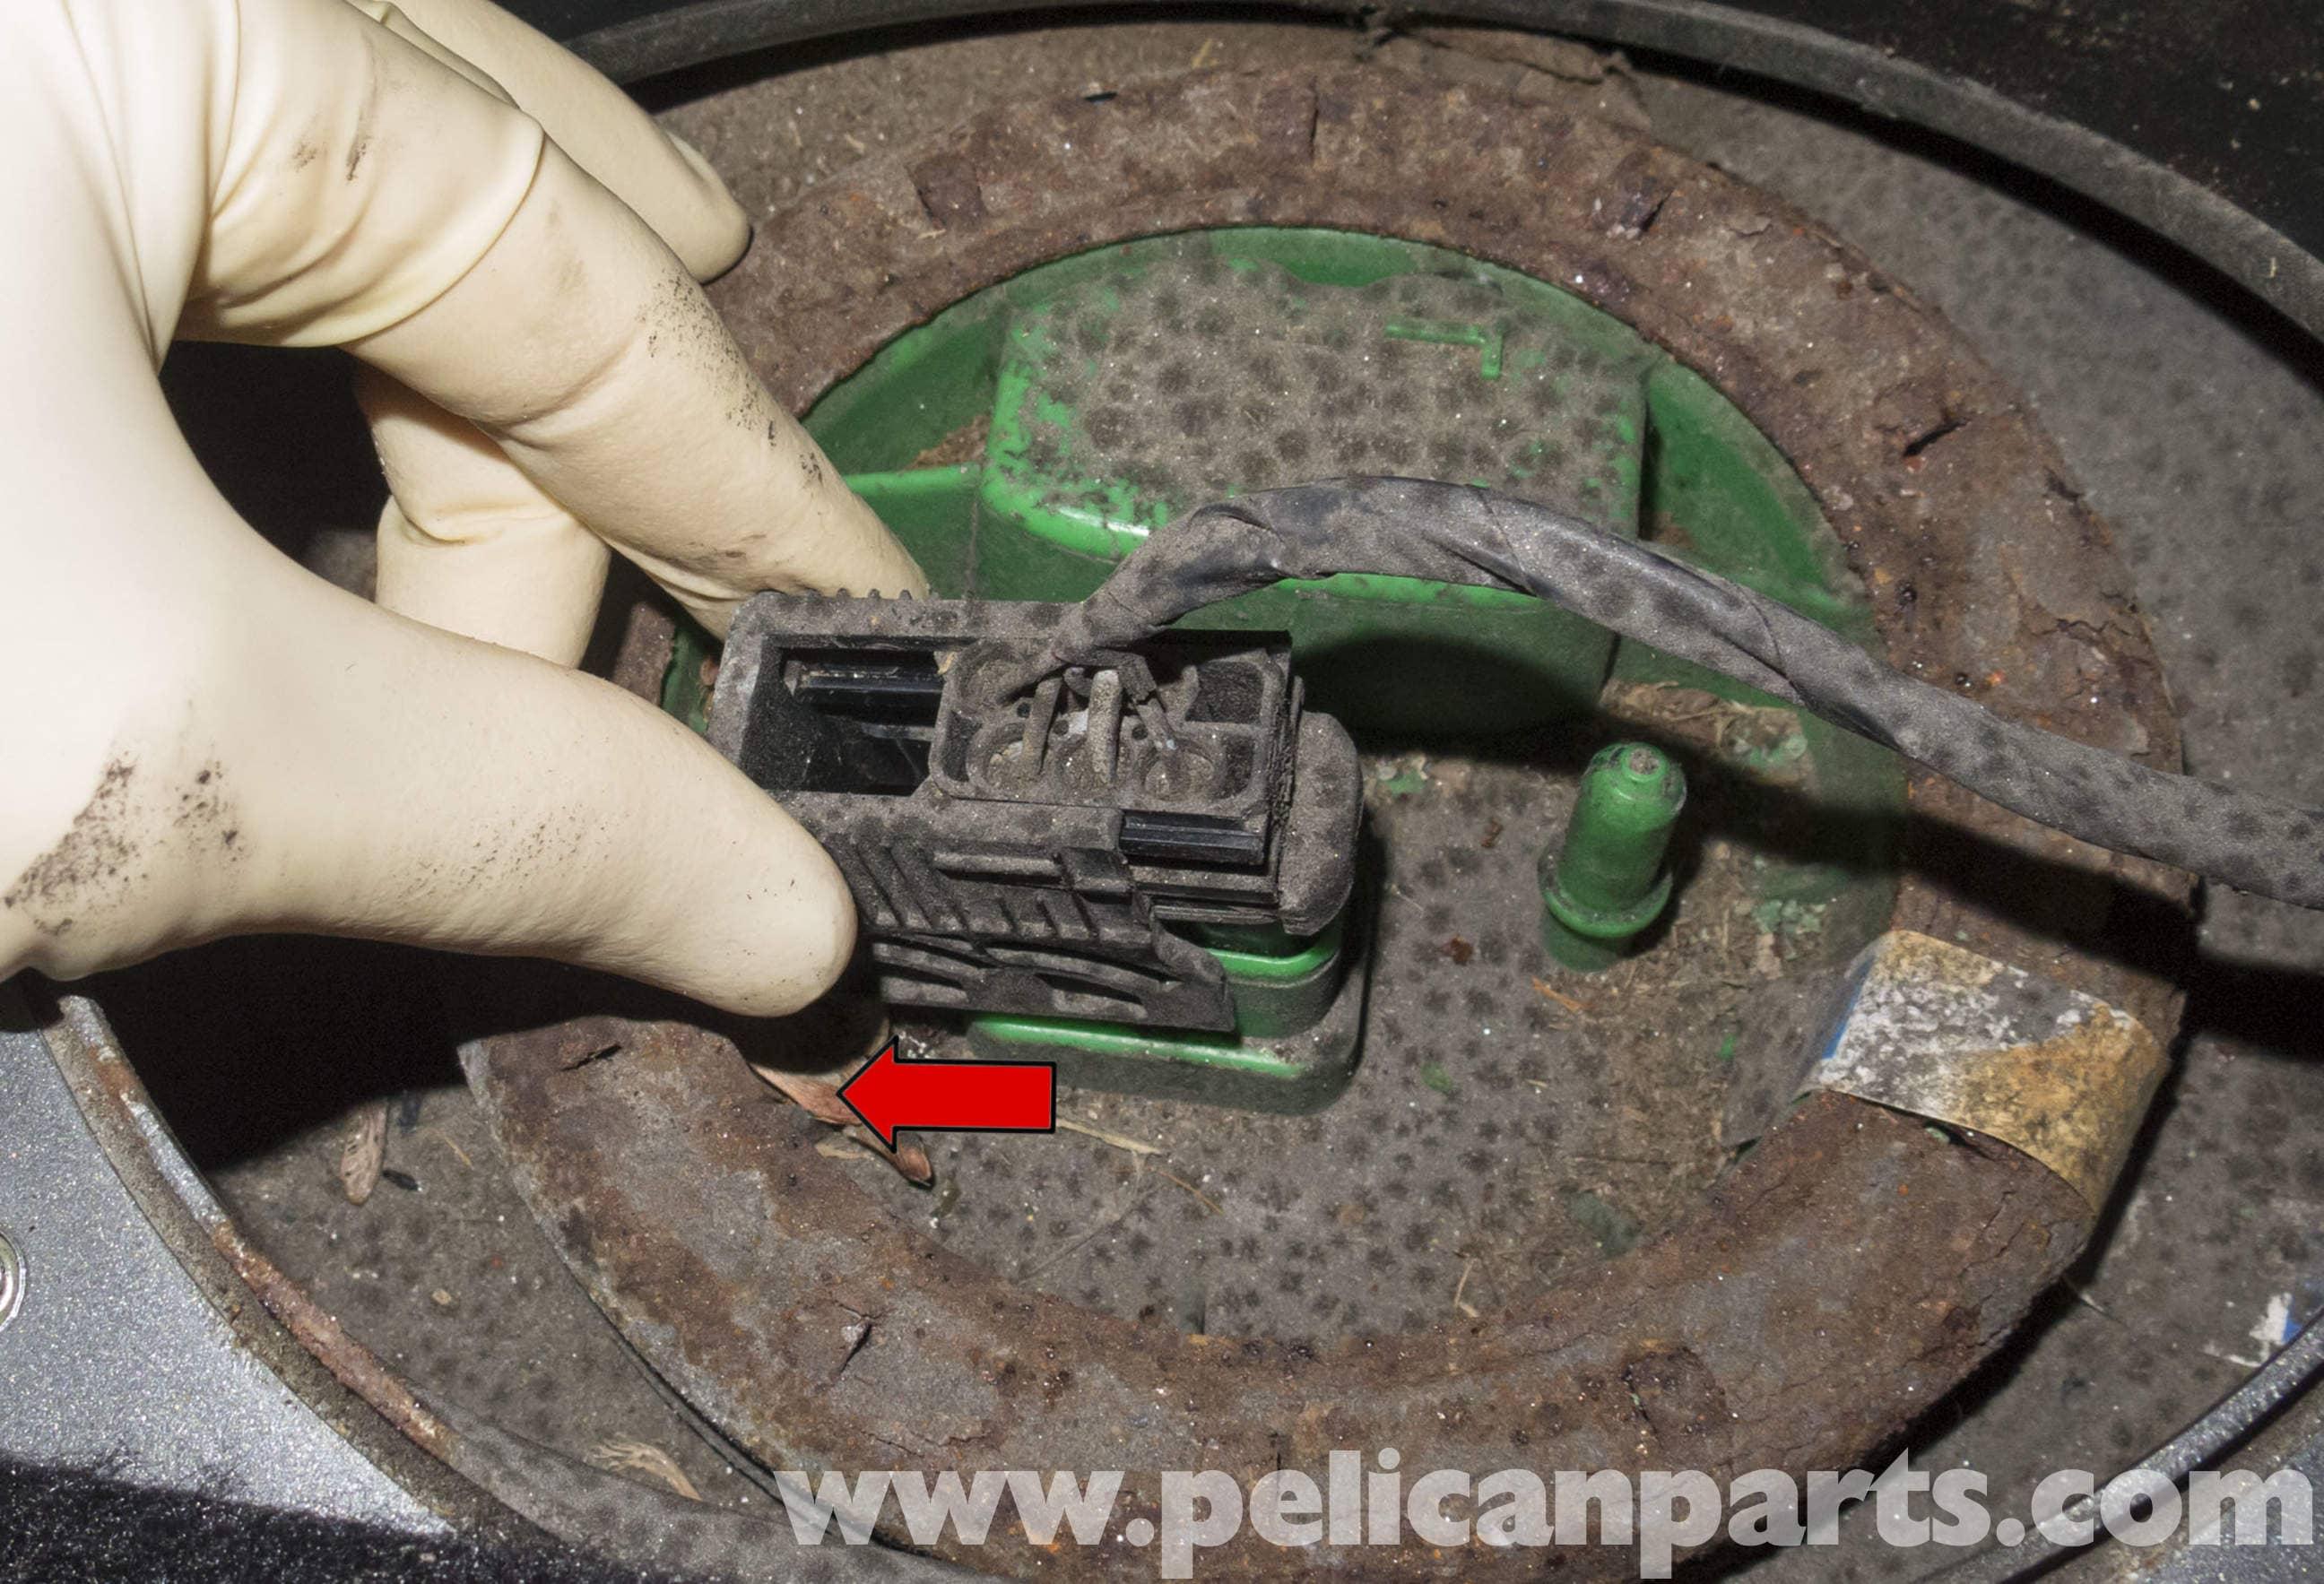 Mini Cooper R56 Fuel Pump Testing 2007 2011 Pelican Parts Diy Relay Gen2 Large Image Extra